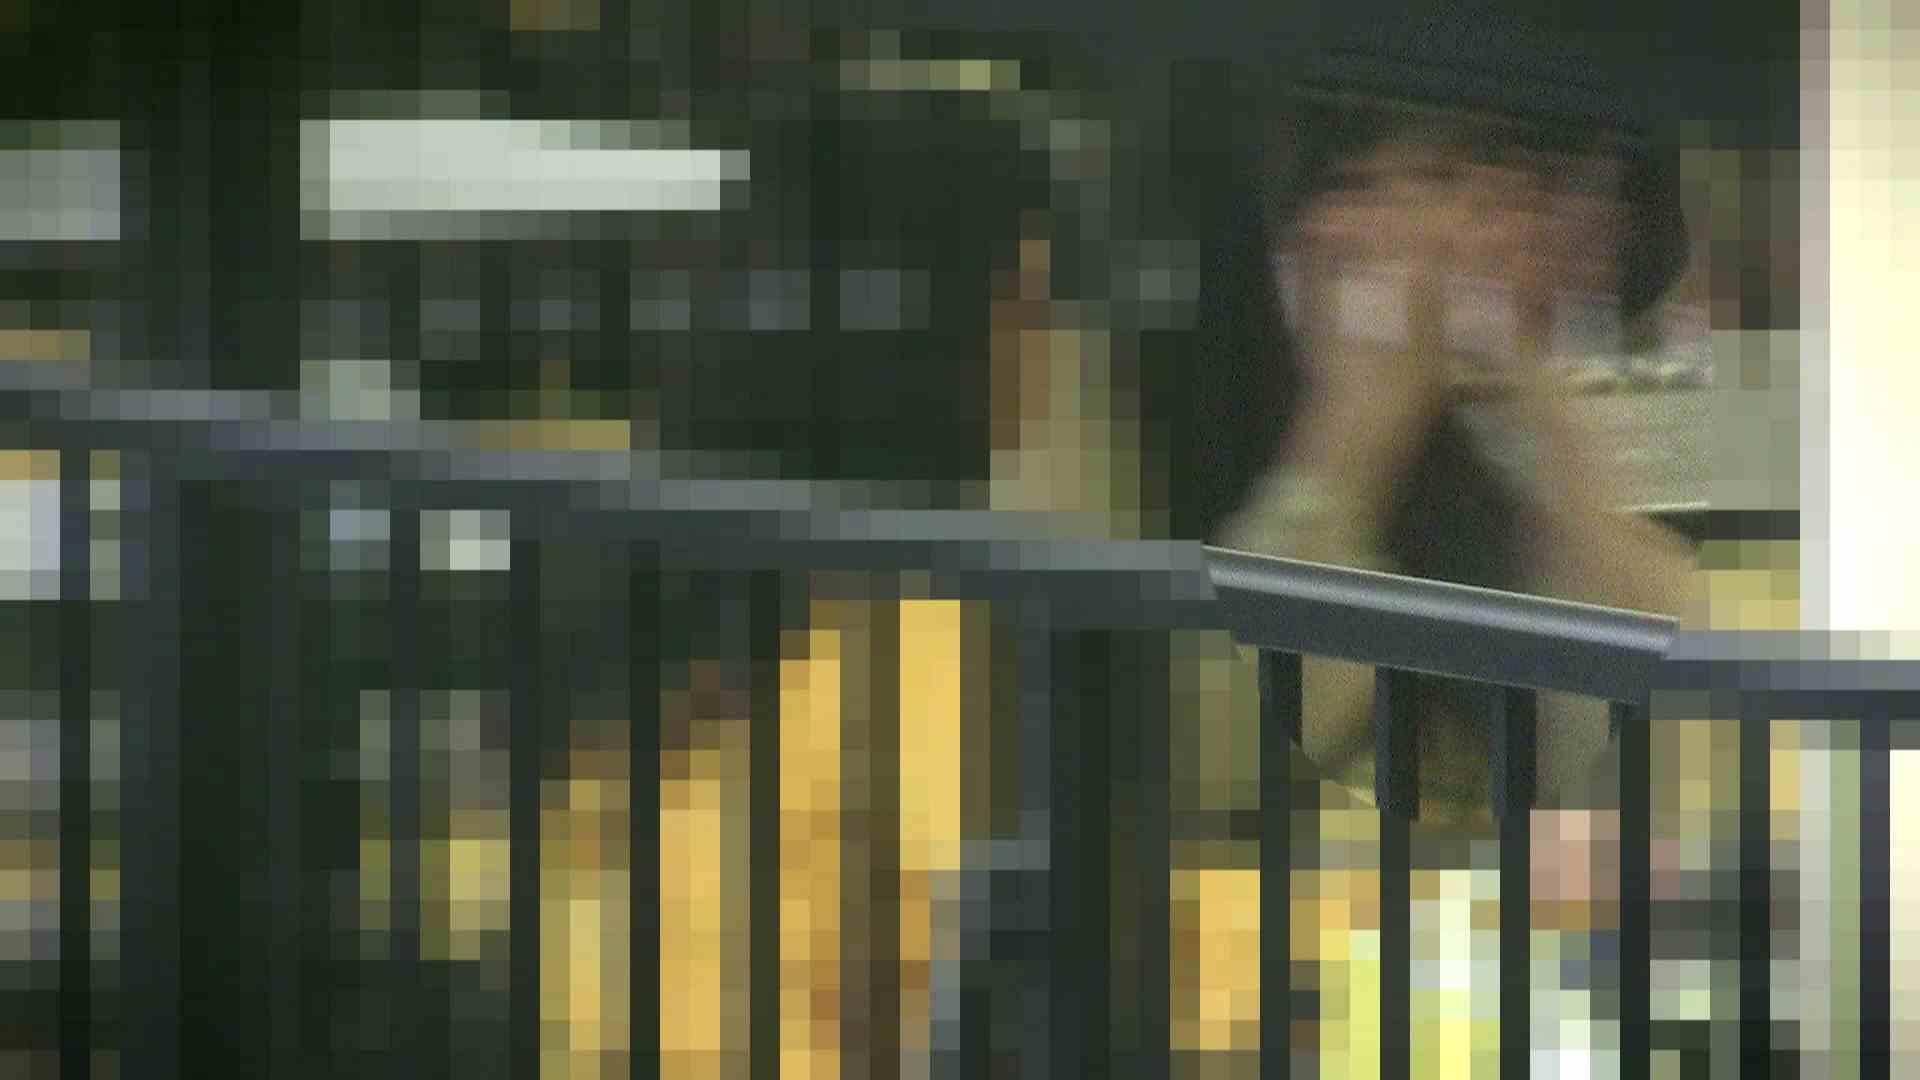 高画質露天女風呂観察 vol.006 入浴 アダルト動画キャプチャ 98PIX 95